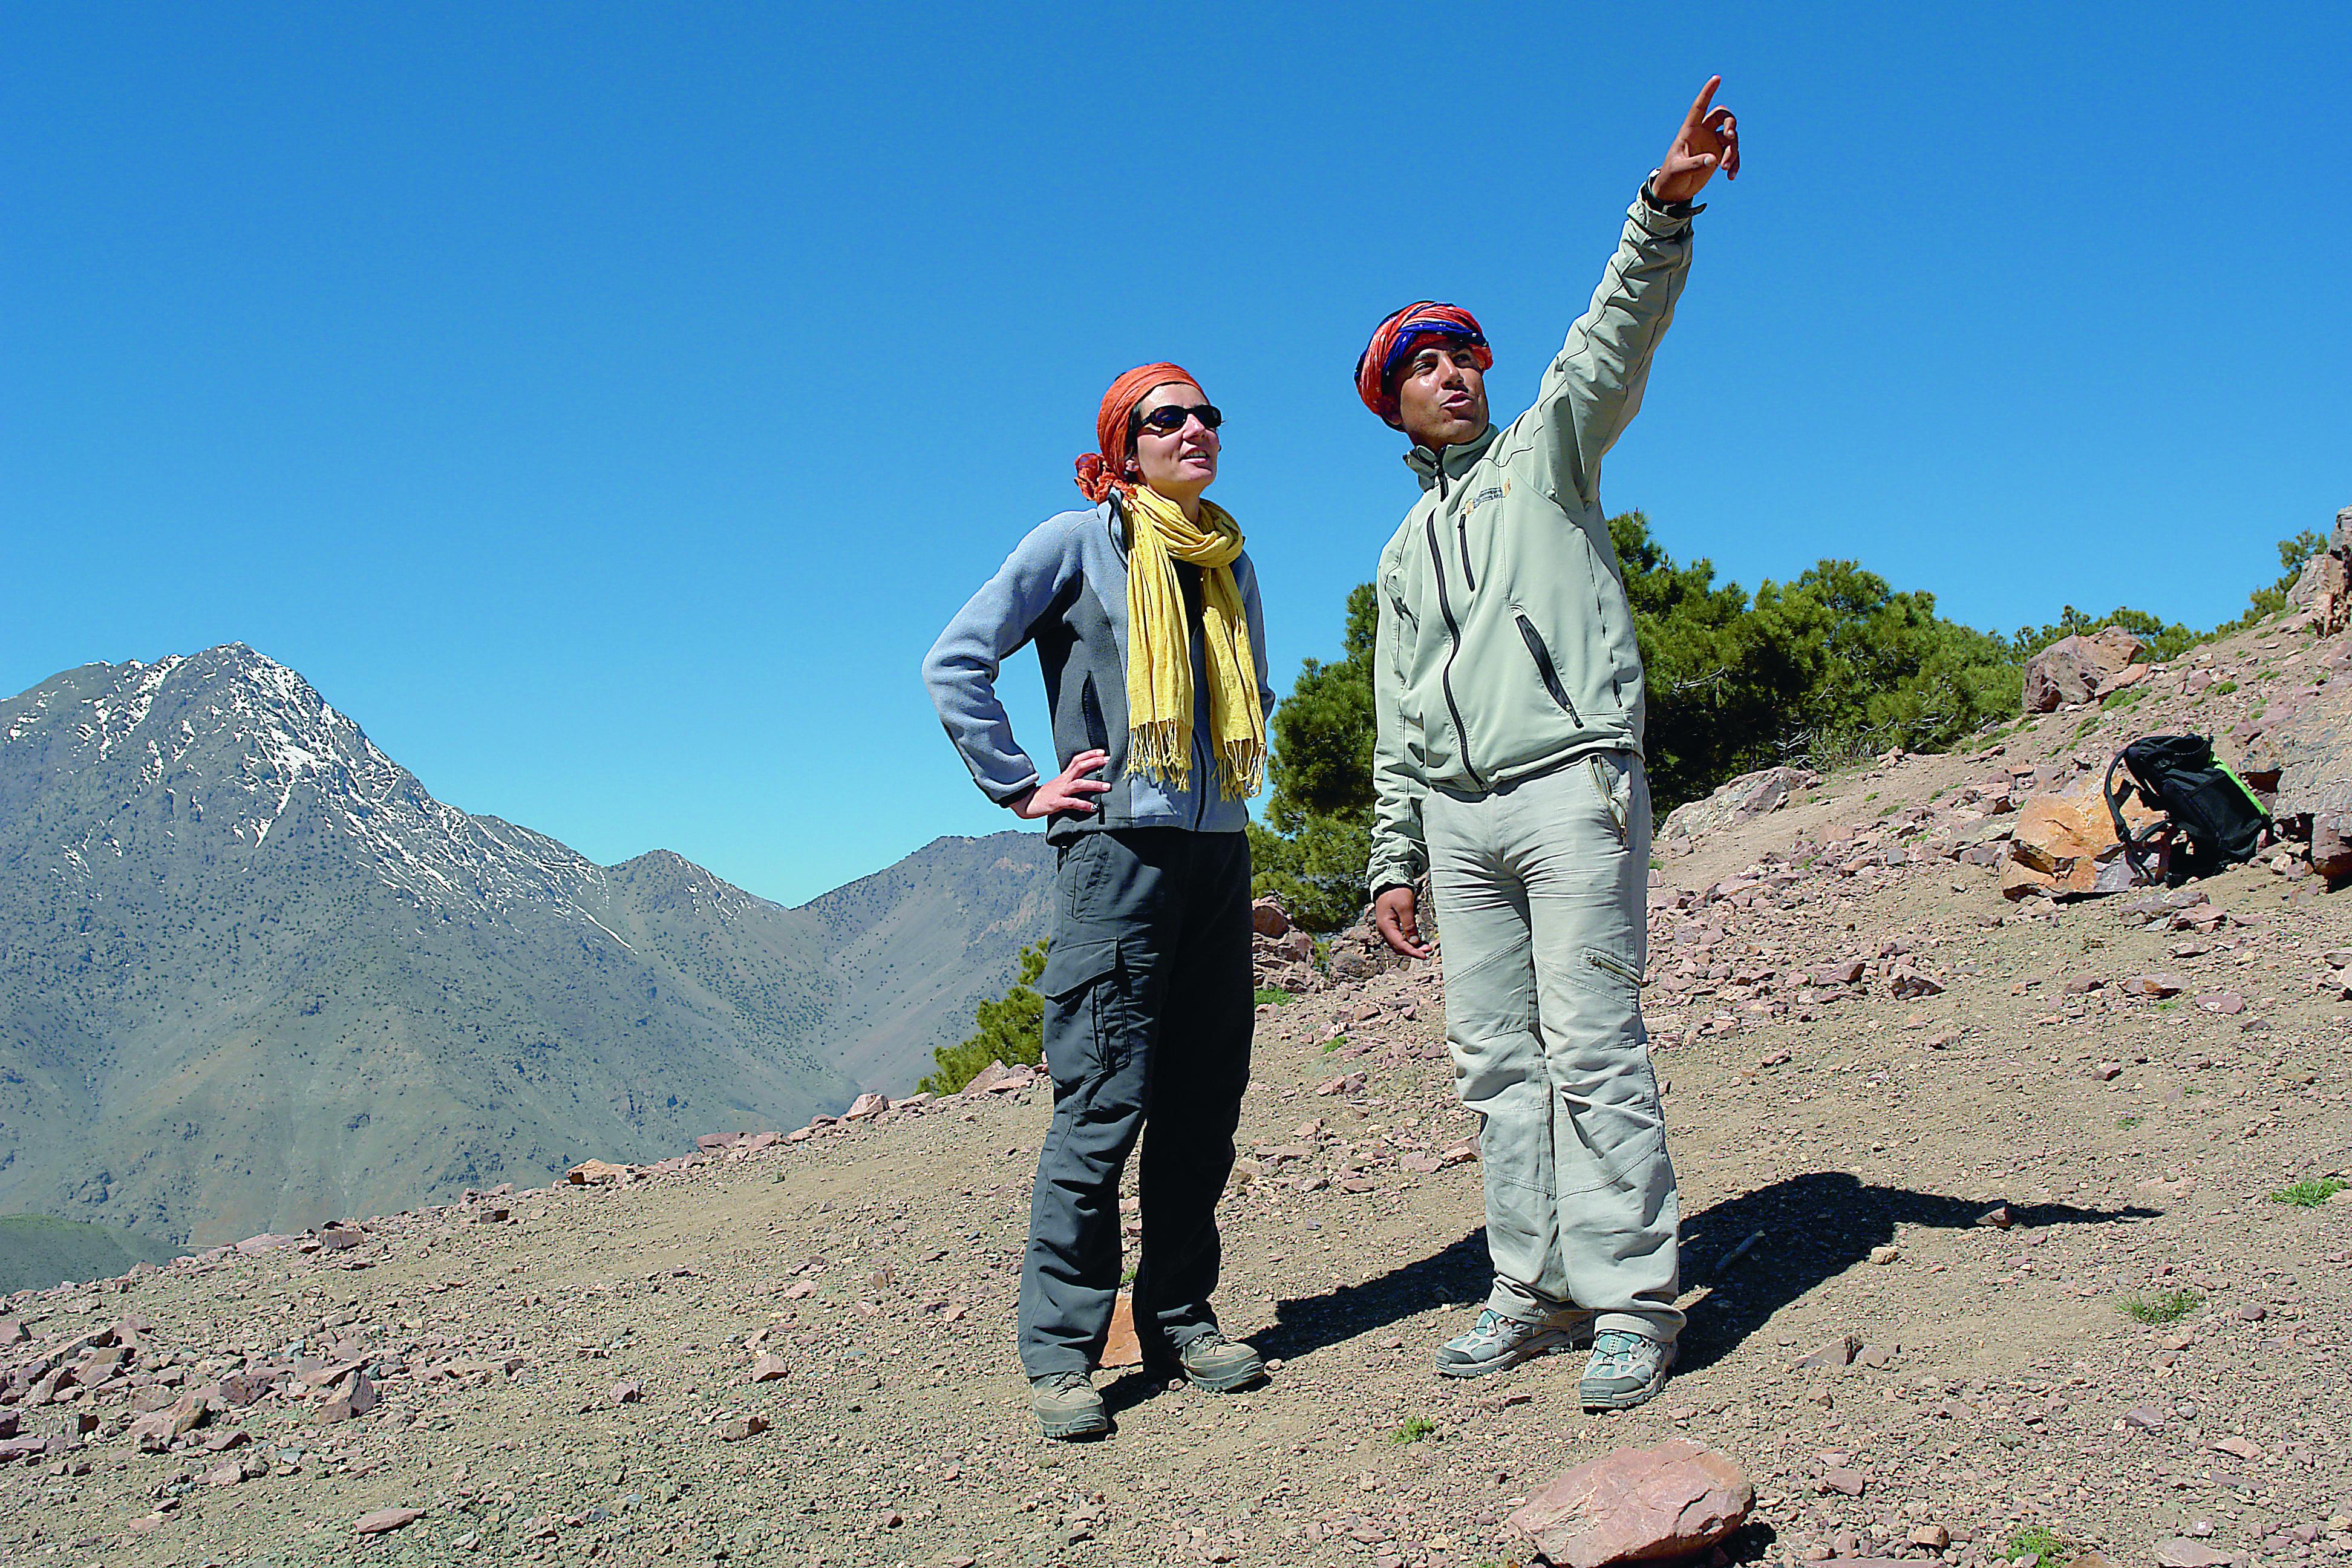 Reiseleitung beim Wandern in Marokko